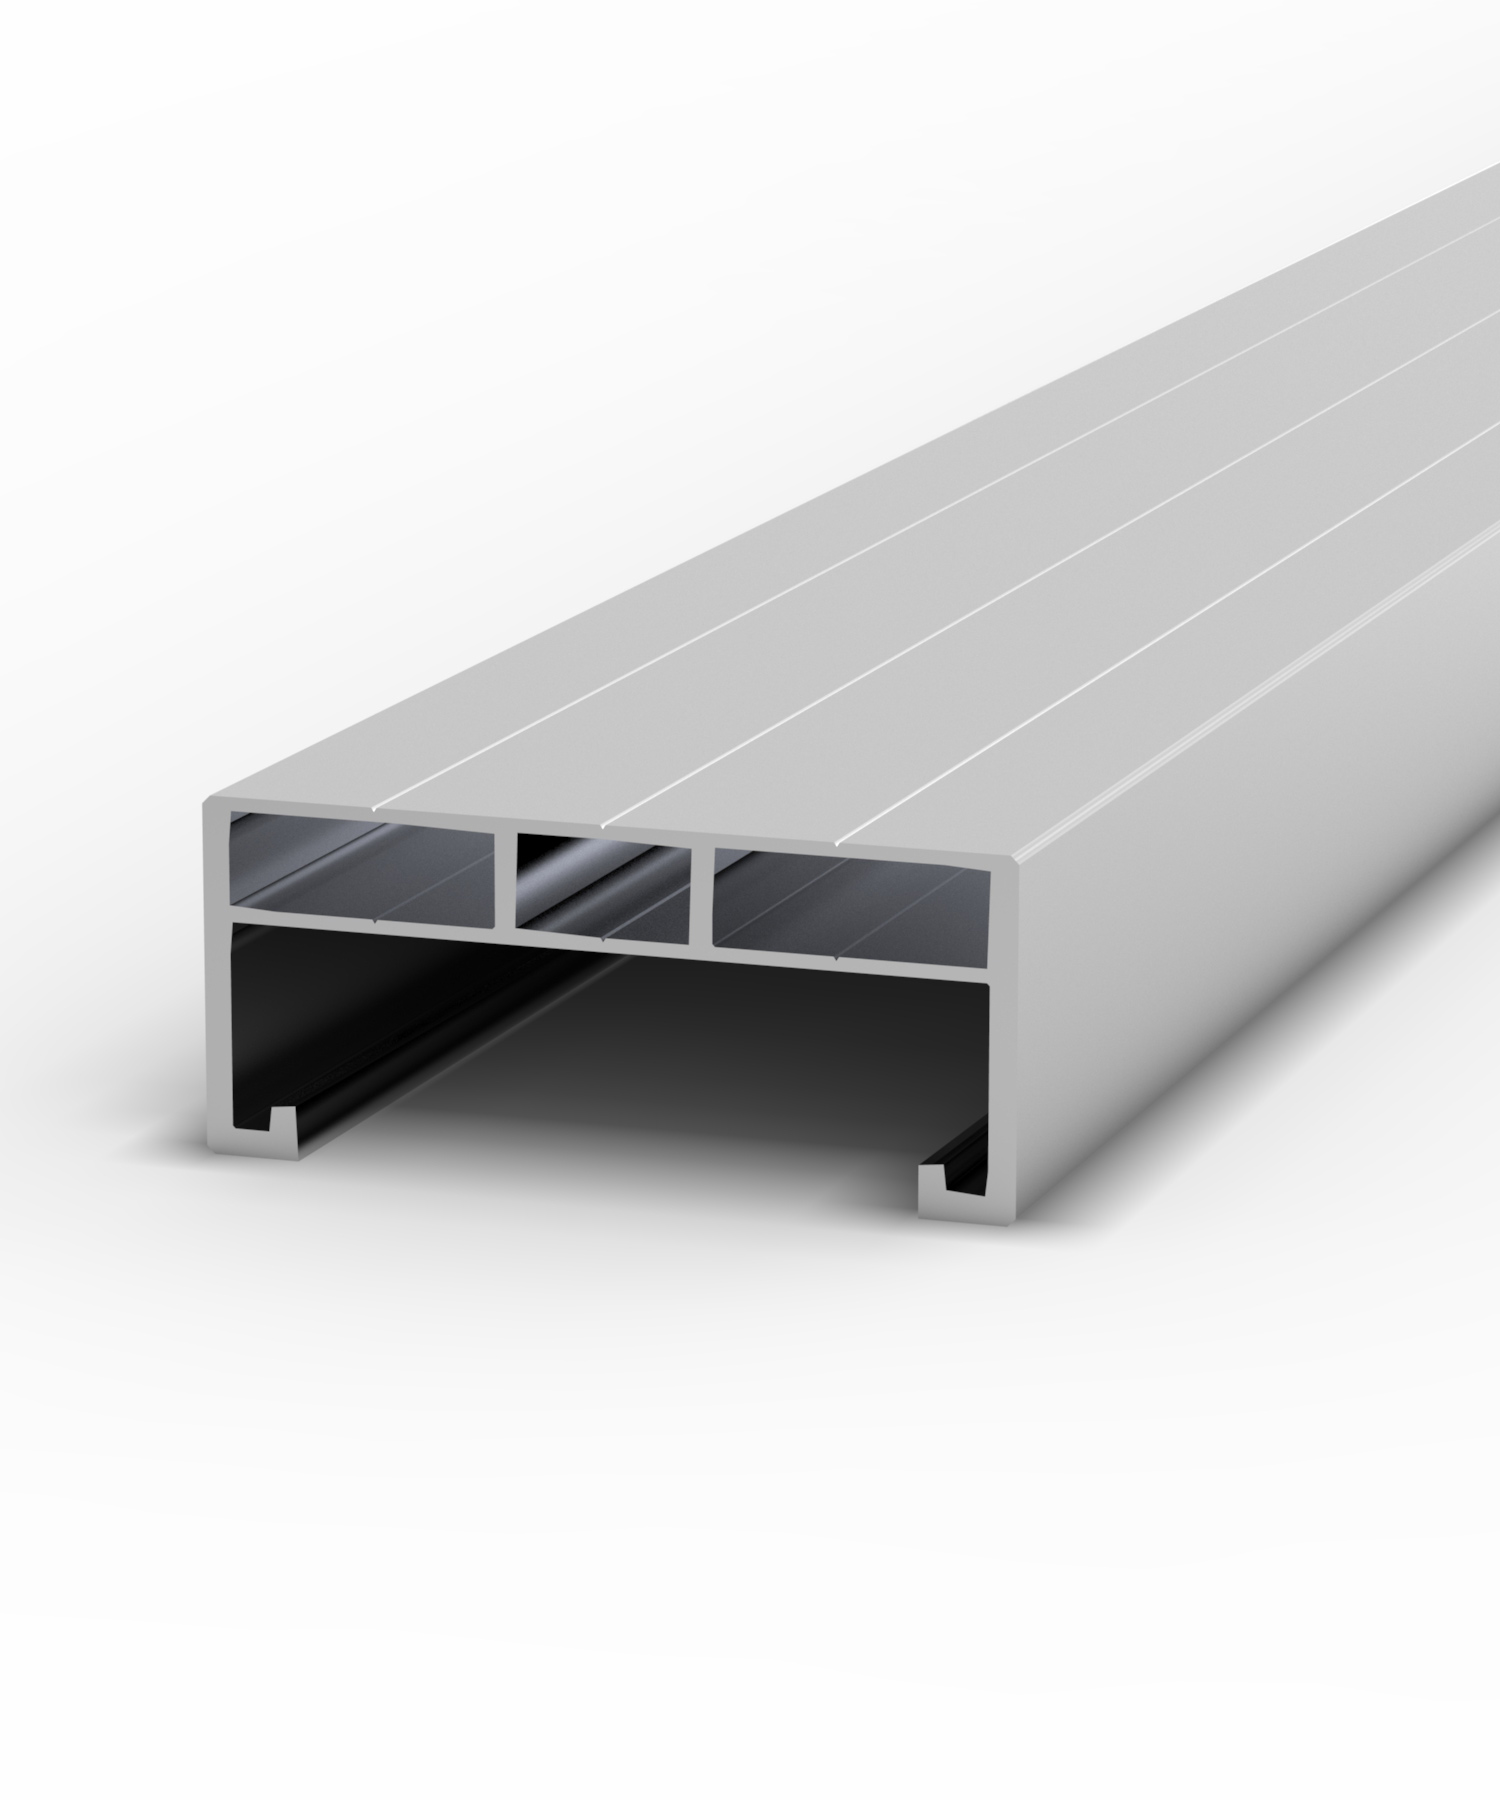 Unterkonstruktion aus Aluminium 20x20mm